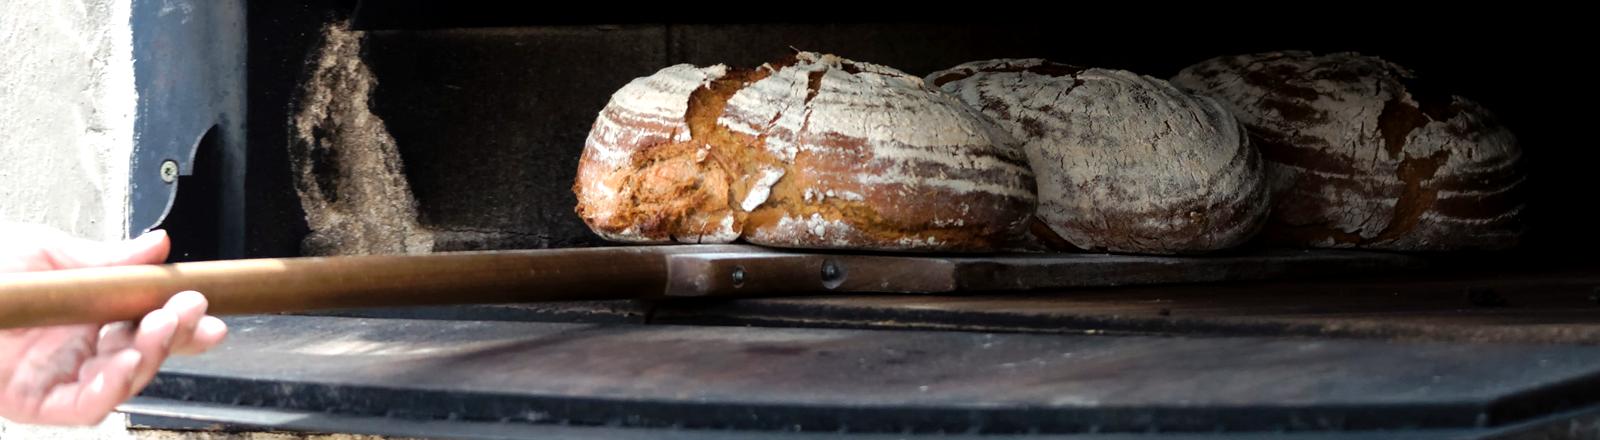 Drei Brote werden in einen Steinofen geschoben